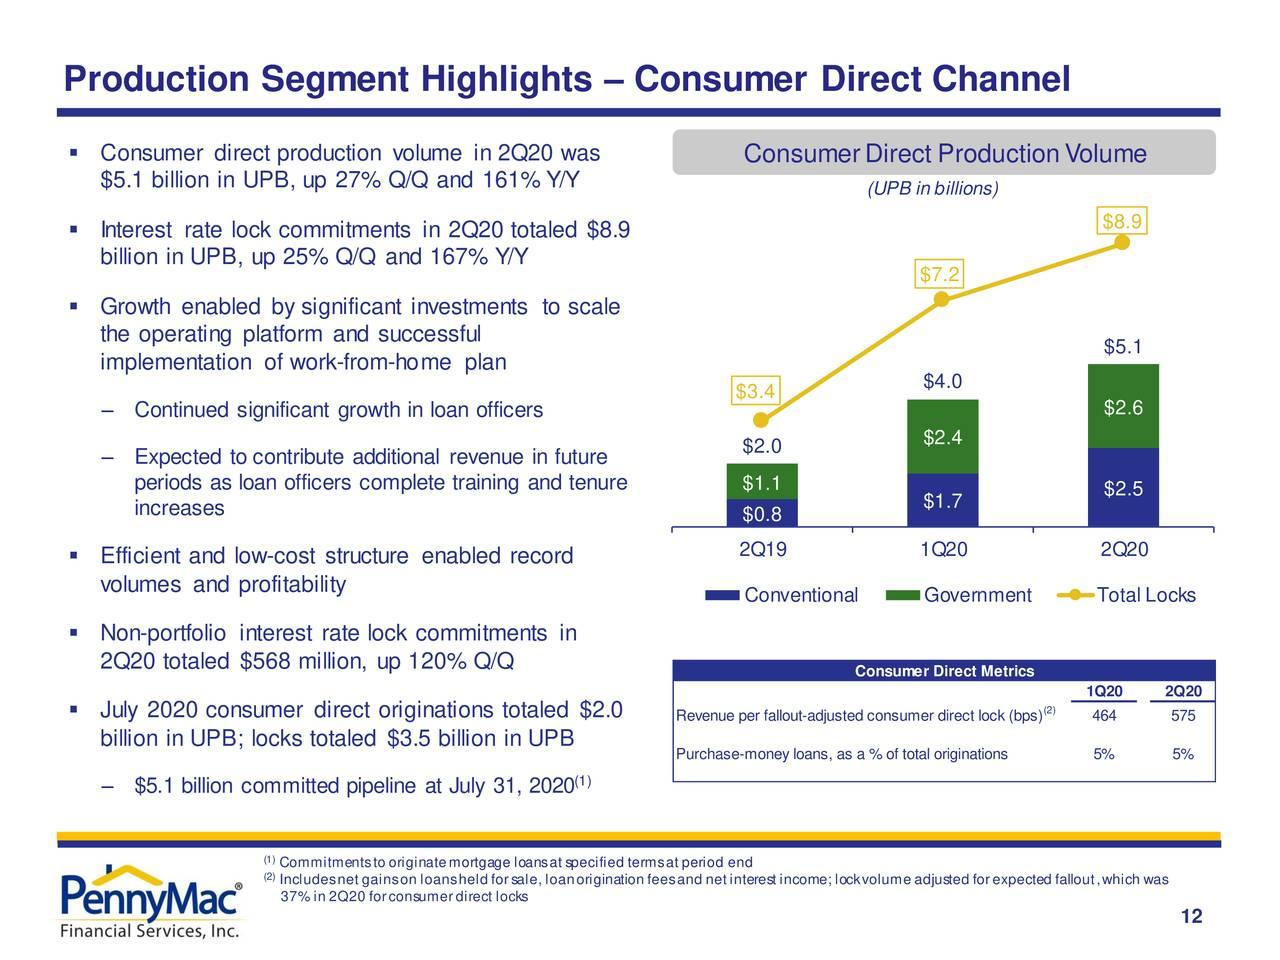 Aspectos destacados del segmento de producción: canal directo al consumidor